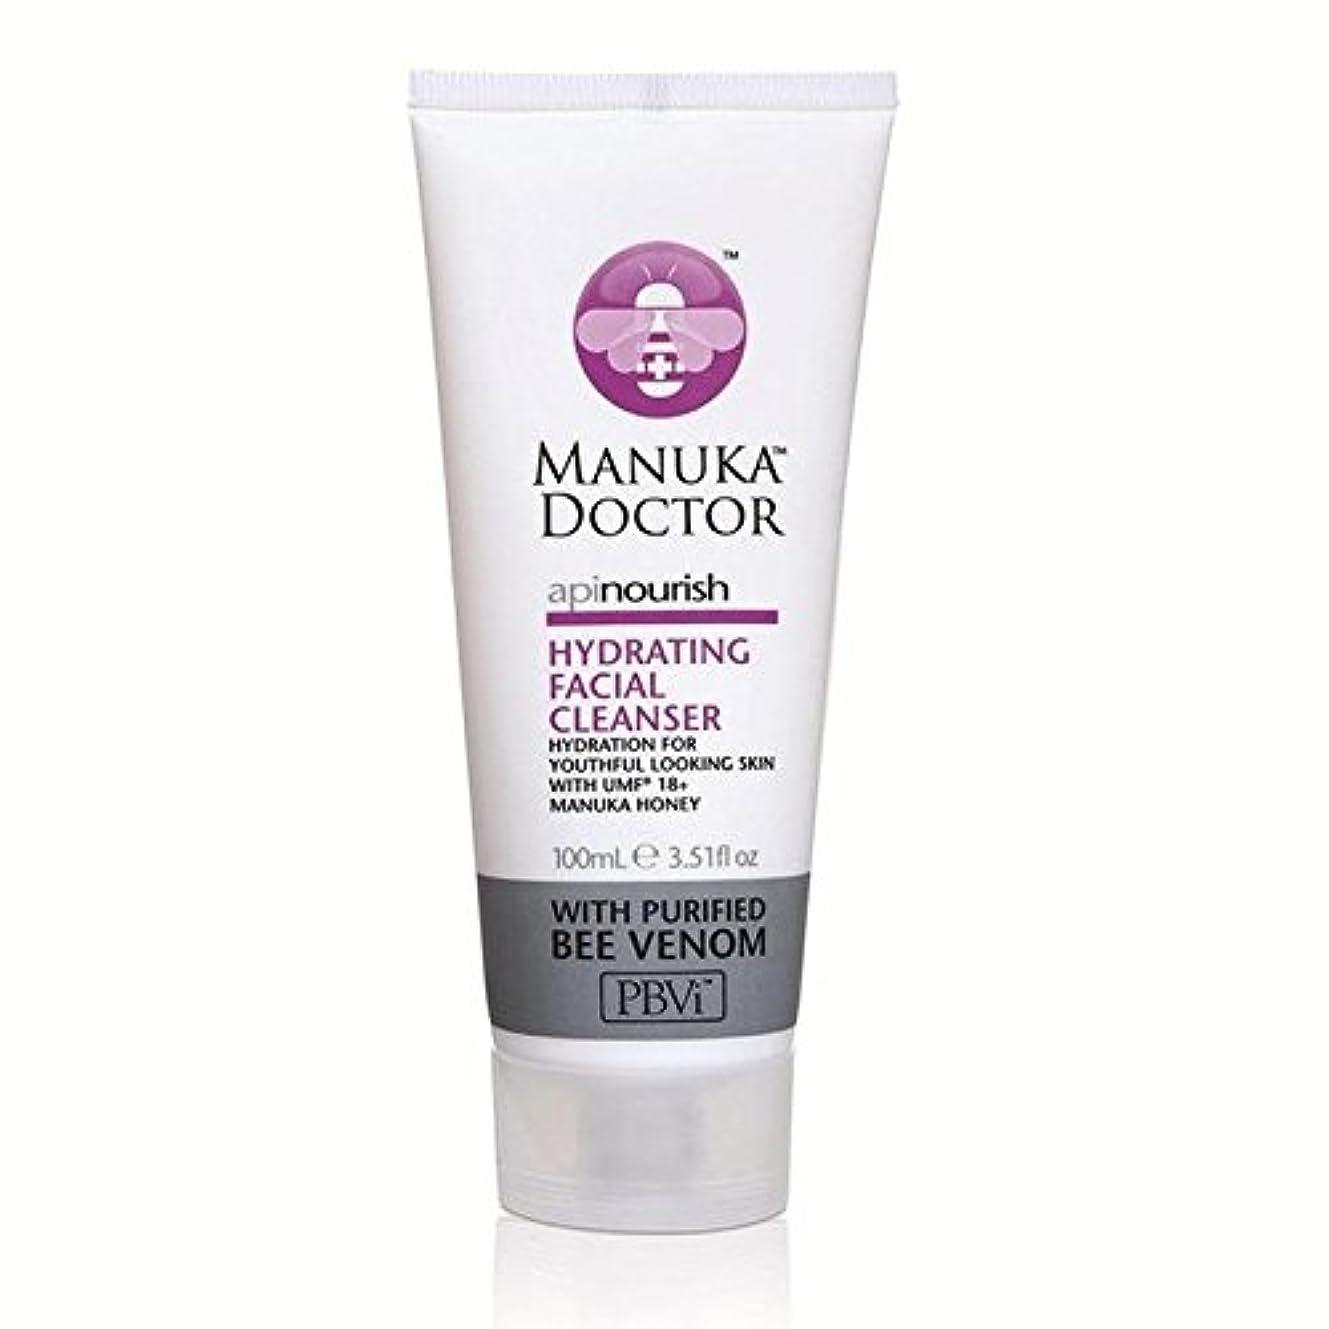 納屋額彼Manuka Doctor Api Nourish Hydrating Facial Cleanser 100ml - マヌカドクター洗顔料の100ミリリットルの水和養います [並行輸入品]